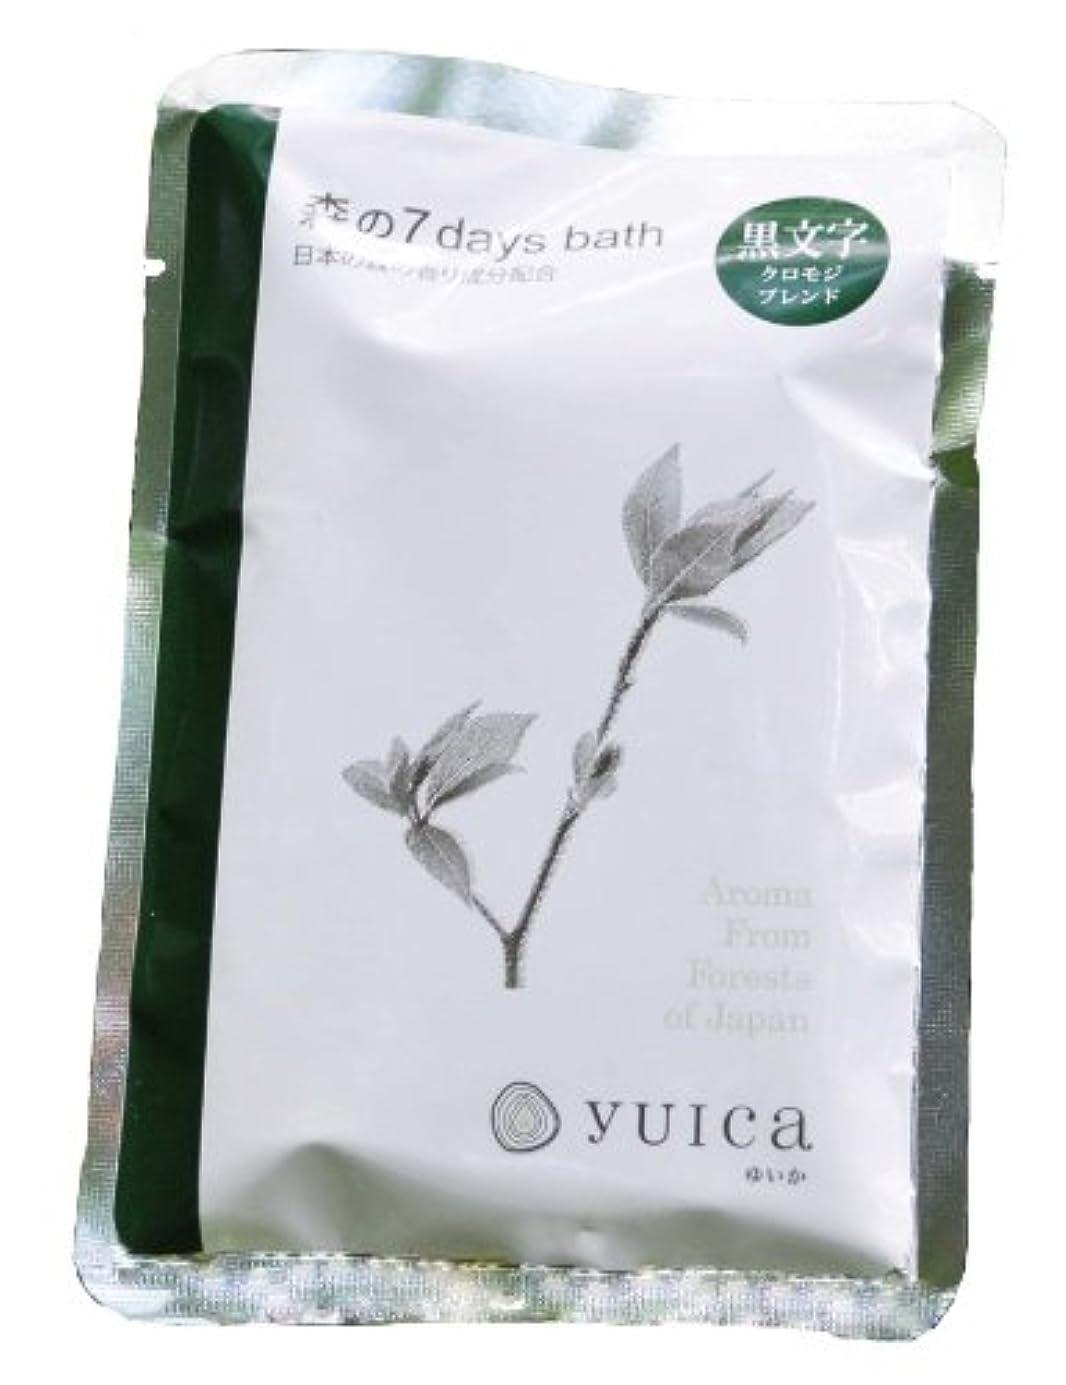 寮ケーキ世論調査yuica 森の7 days bath(入浴パウダー)やすらぎの香り(クロモジブレンド) 60g